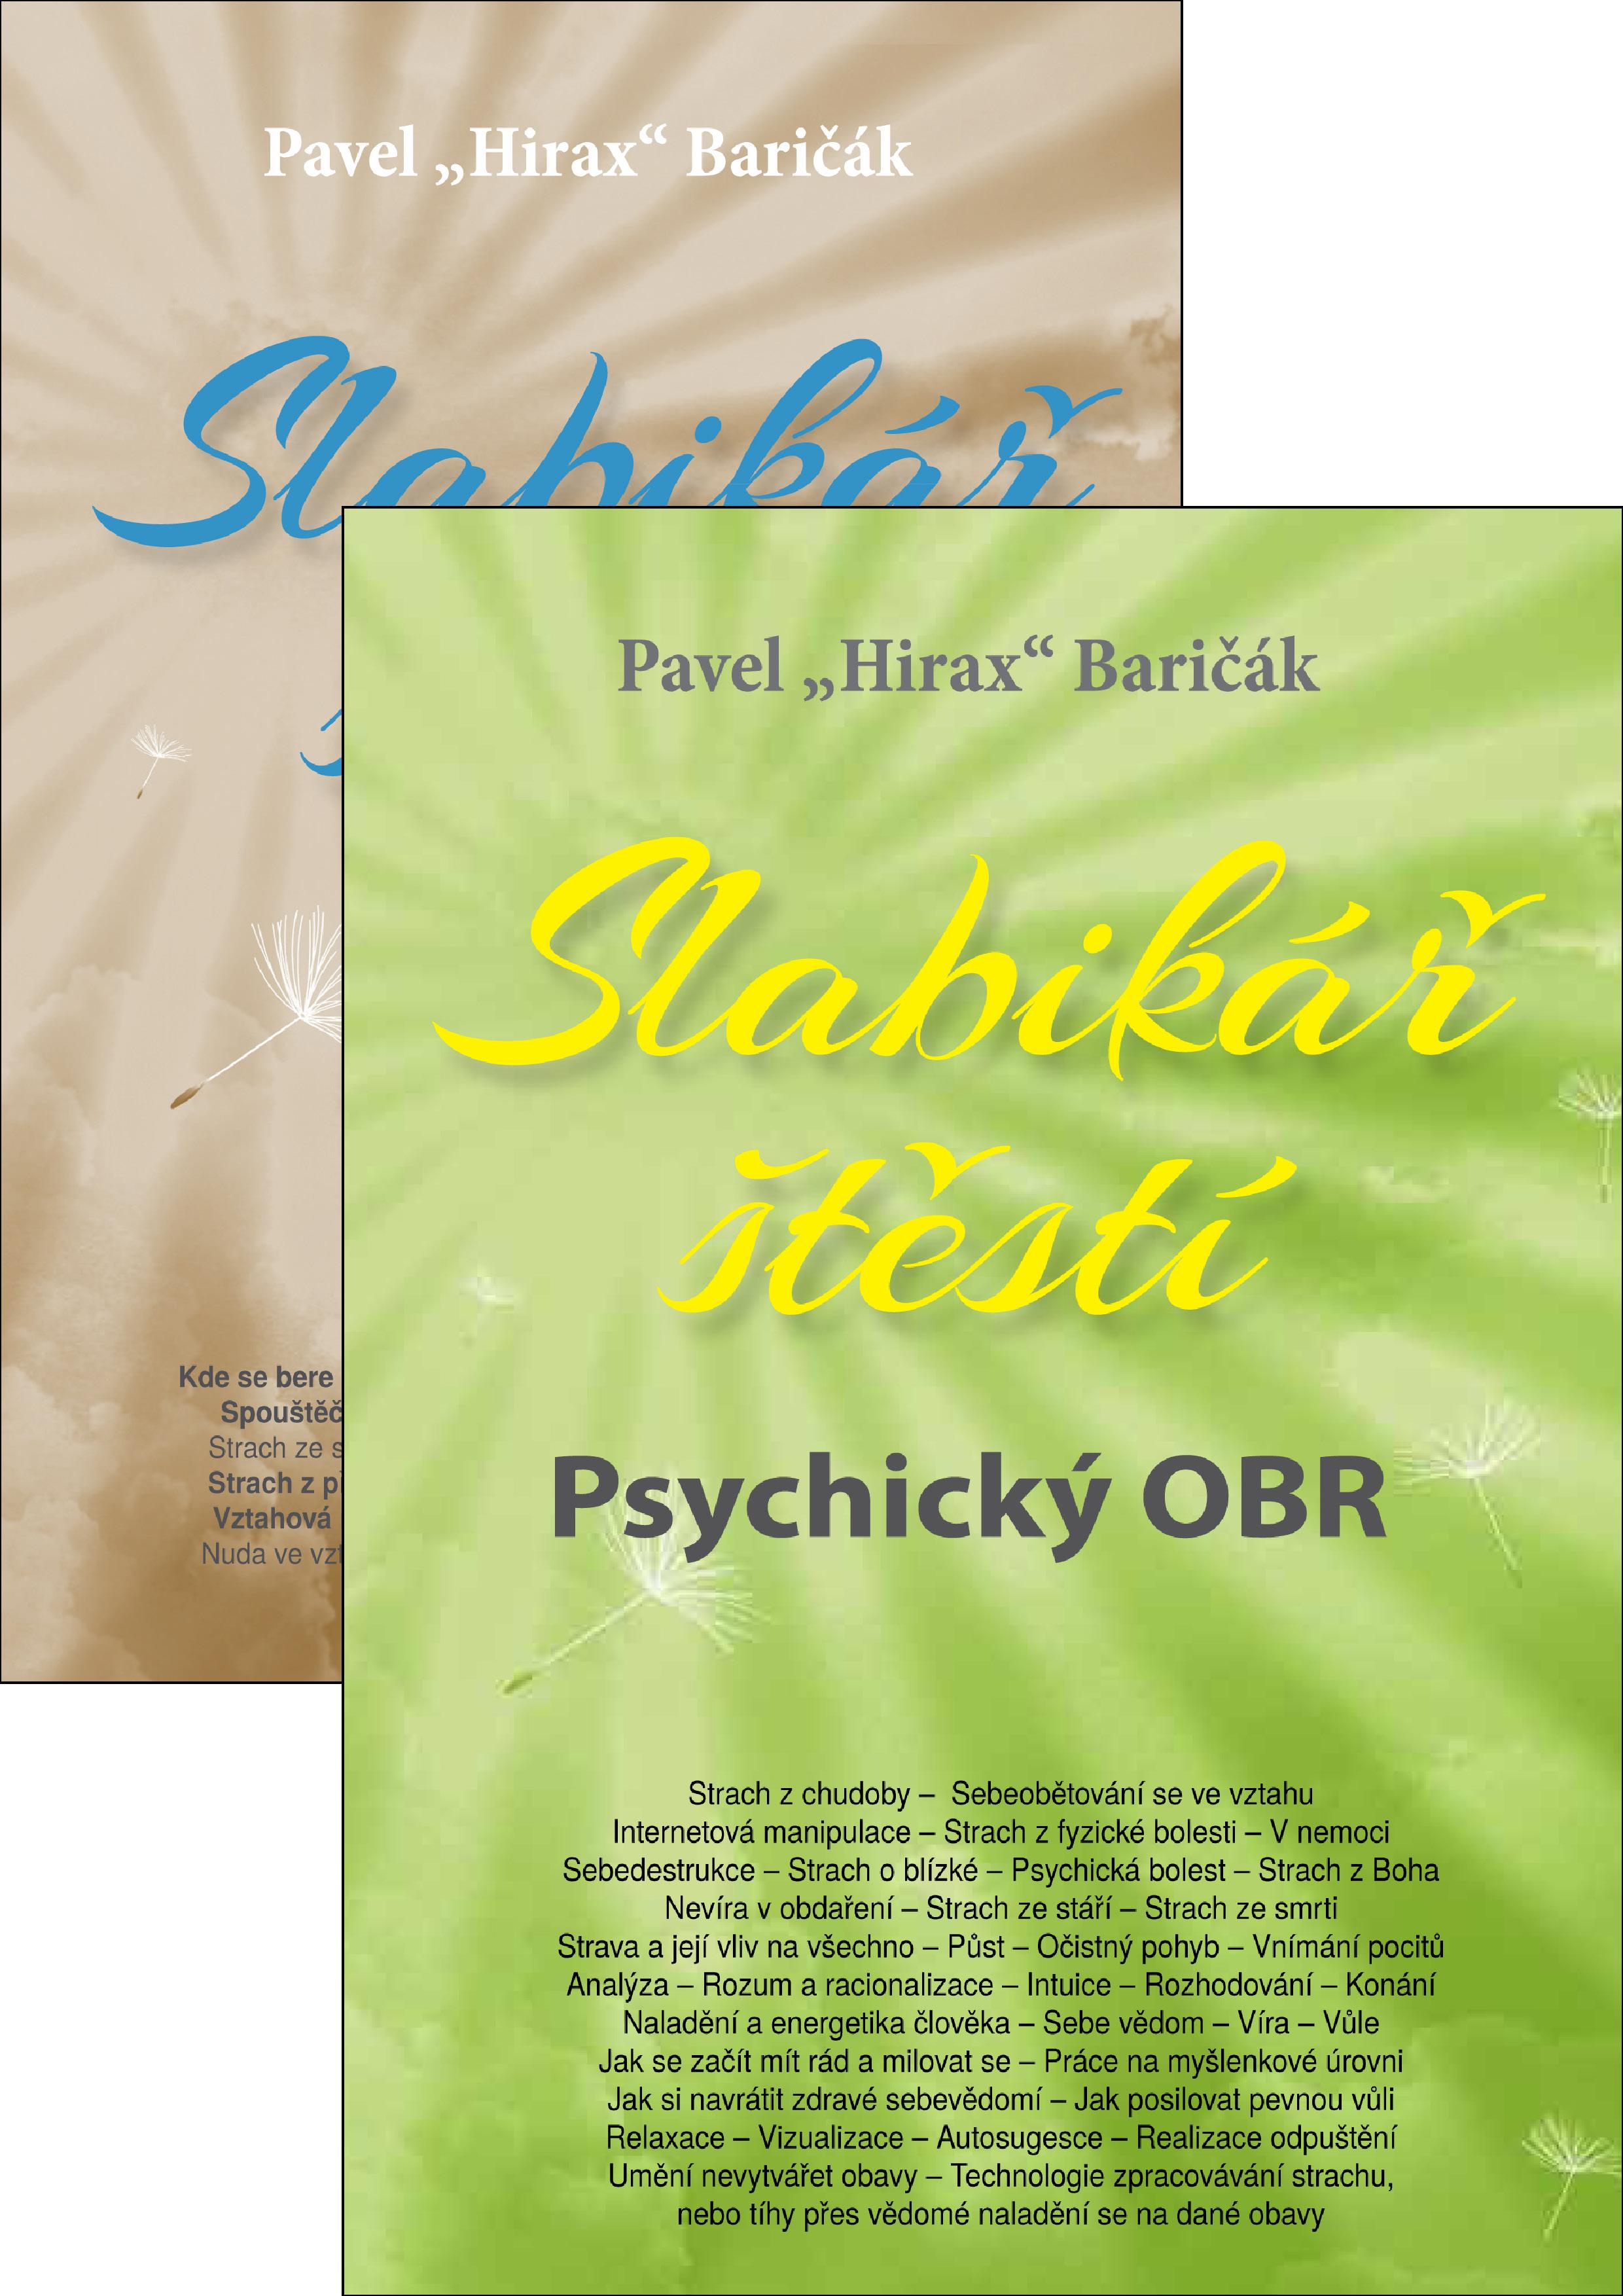 Slabikář štěstí 5 (Psychický OBR) + Slabikář štěstí 4 (Strachy, vztahy, svoboda)